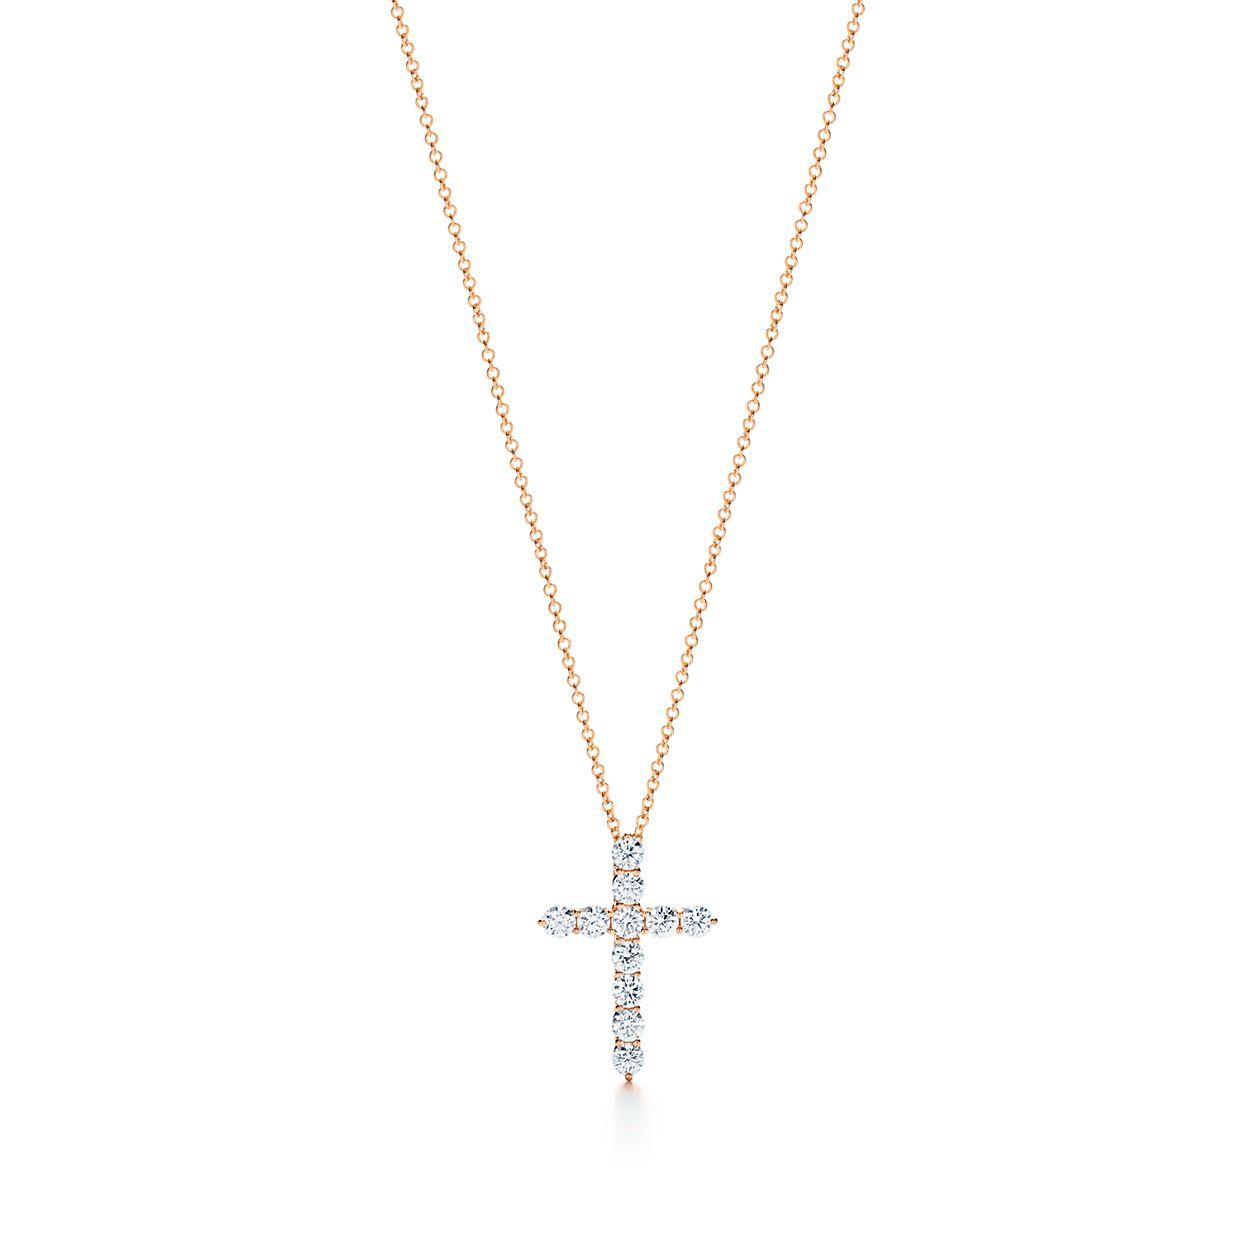 1a1e1e8c478 Diamond Gold Cross Necklace - Necklace Wallpaper Gallerychitrak.Org